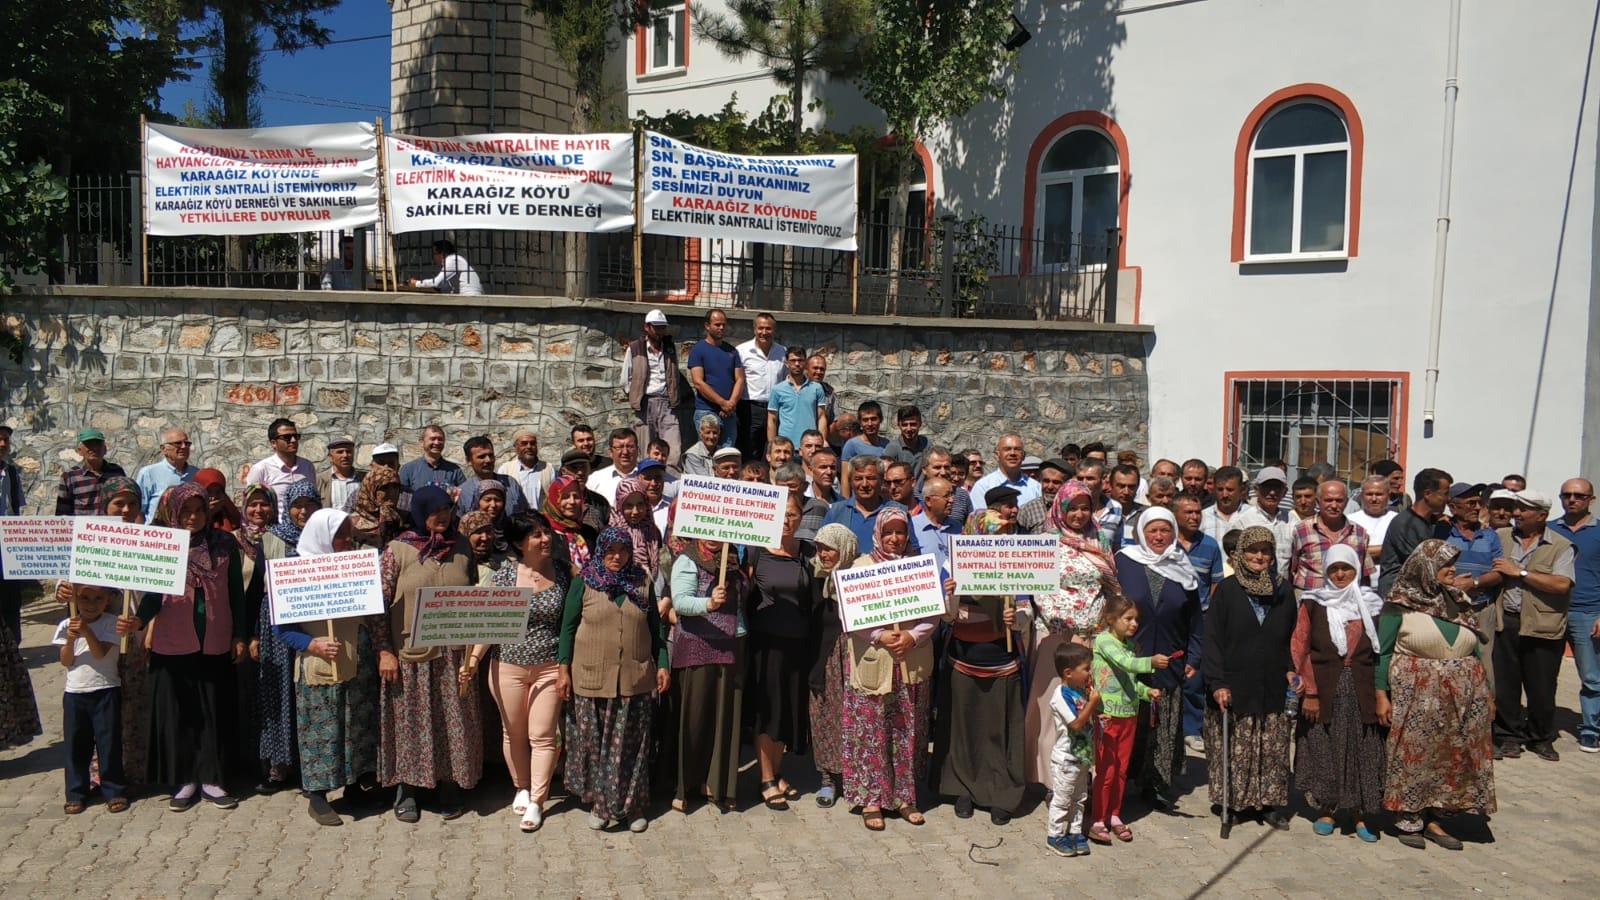 Bursa Karaağız'da termik santrale onay veren kamu görevlileri halkın sorularına yanıt veremedi